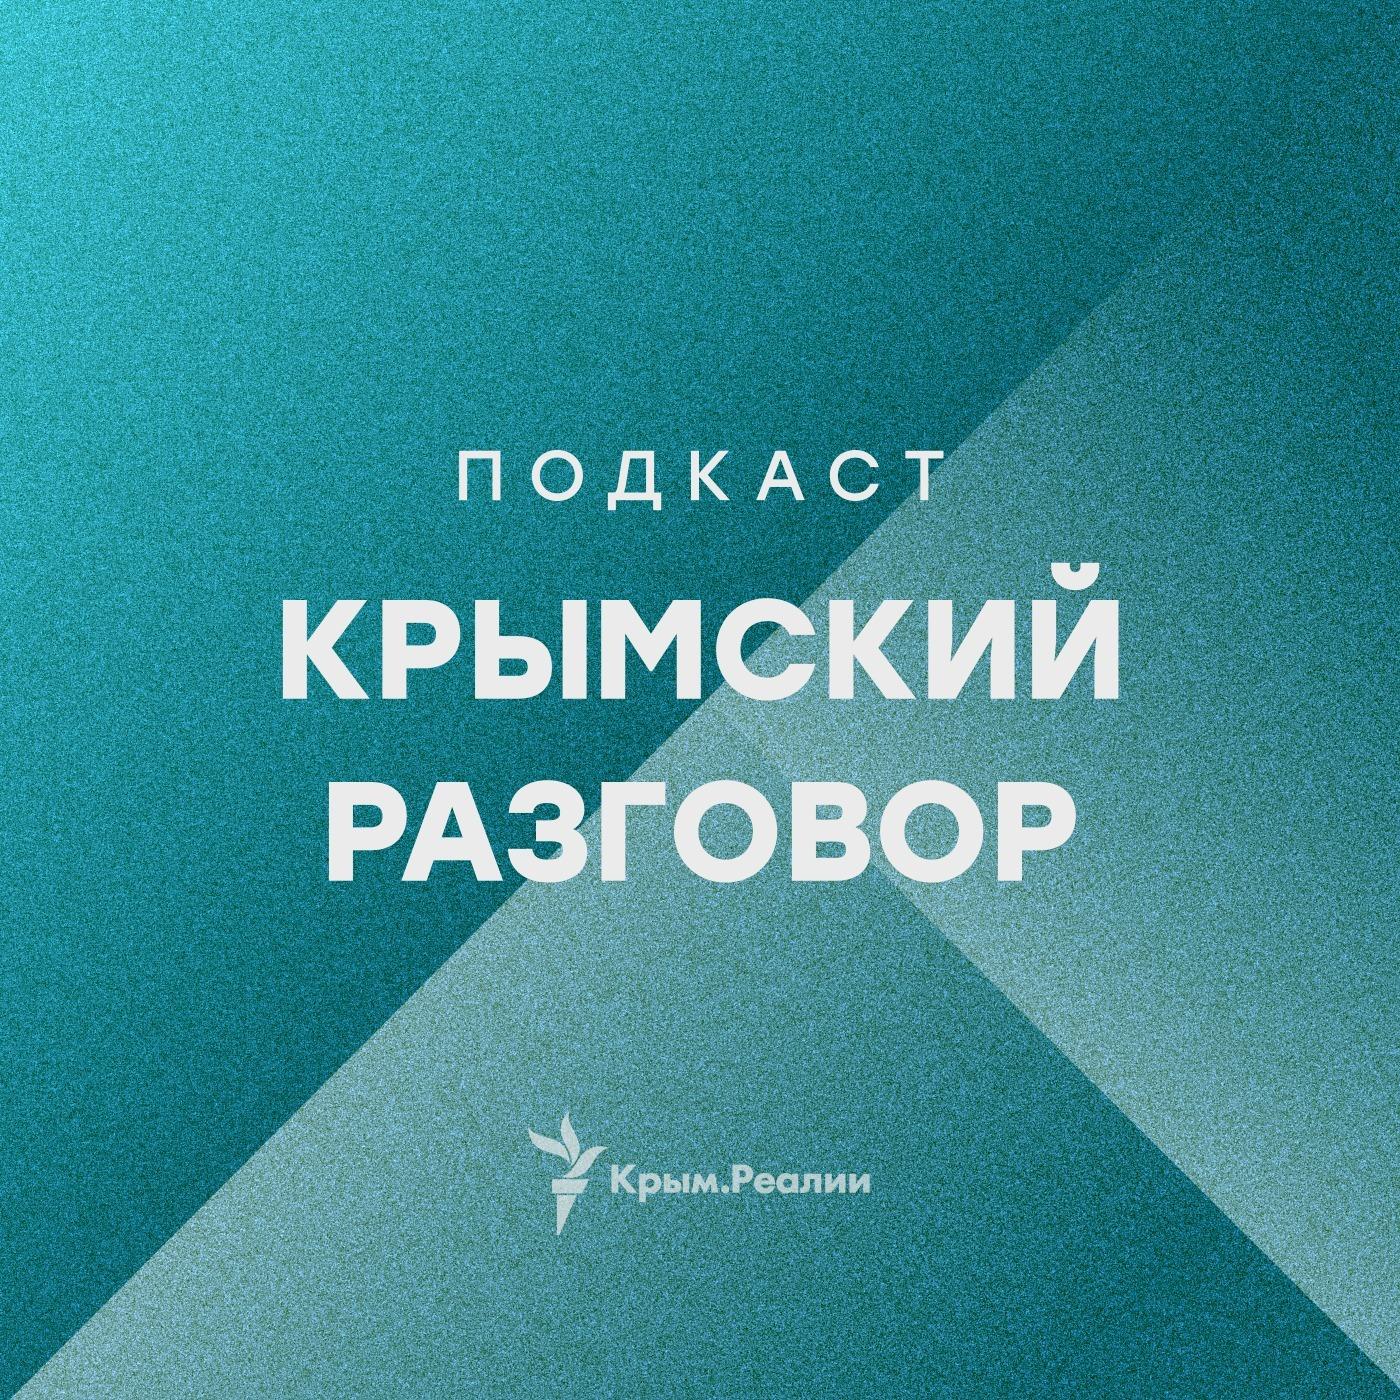 Борьба за украинскую церковь в Крыму | Крымский разговор